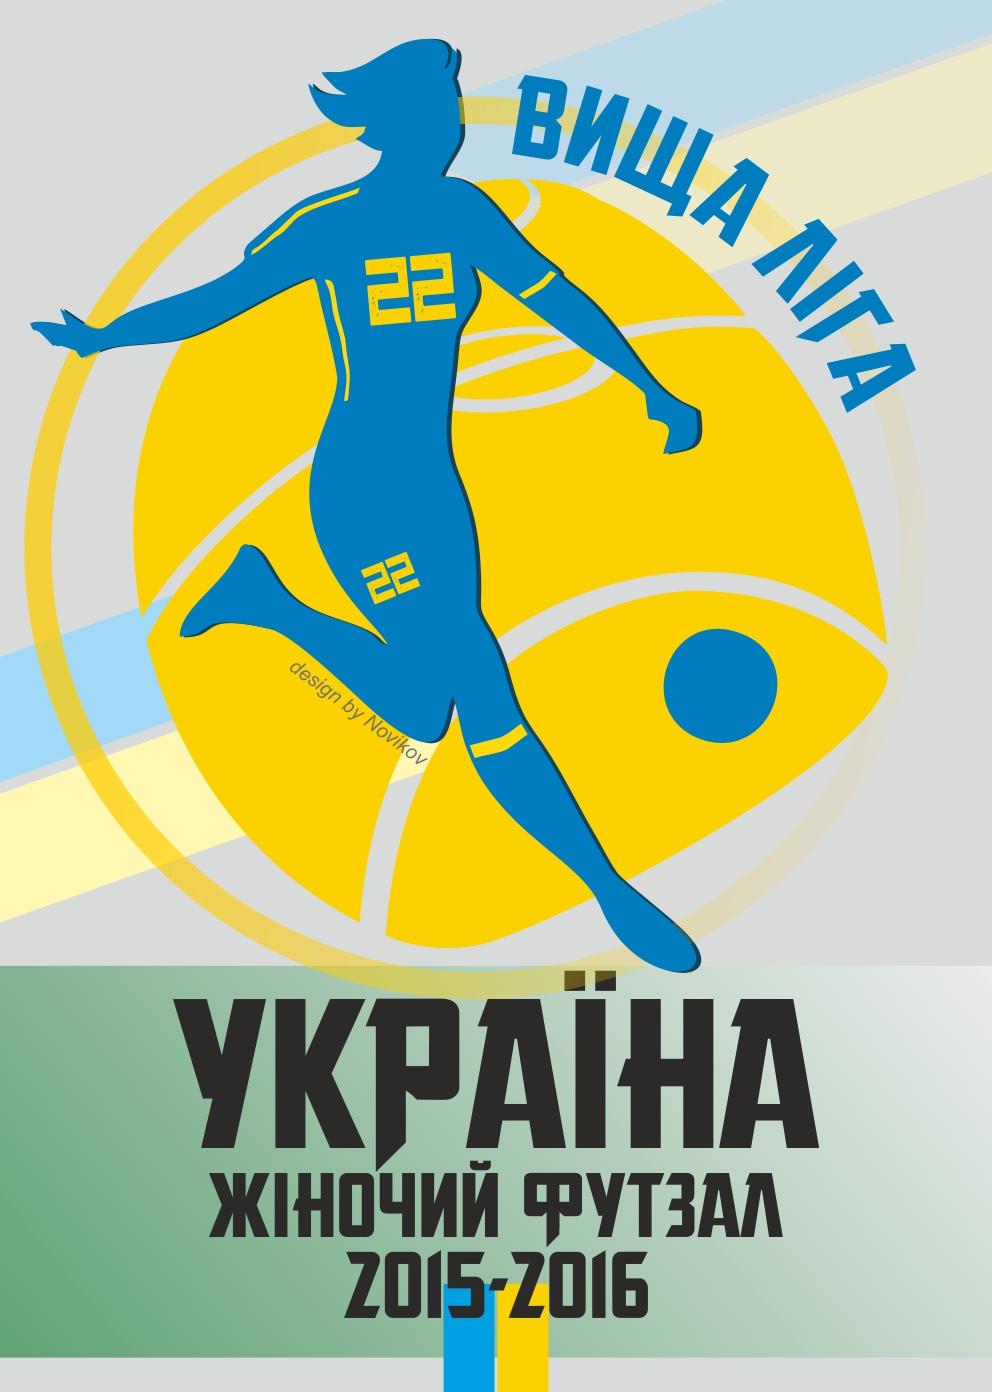 22 Чемпіонат,АМФУ, жіночий футзал, womens futsal, футзал, комітет жінок, логотип жіночий футзал 2015